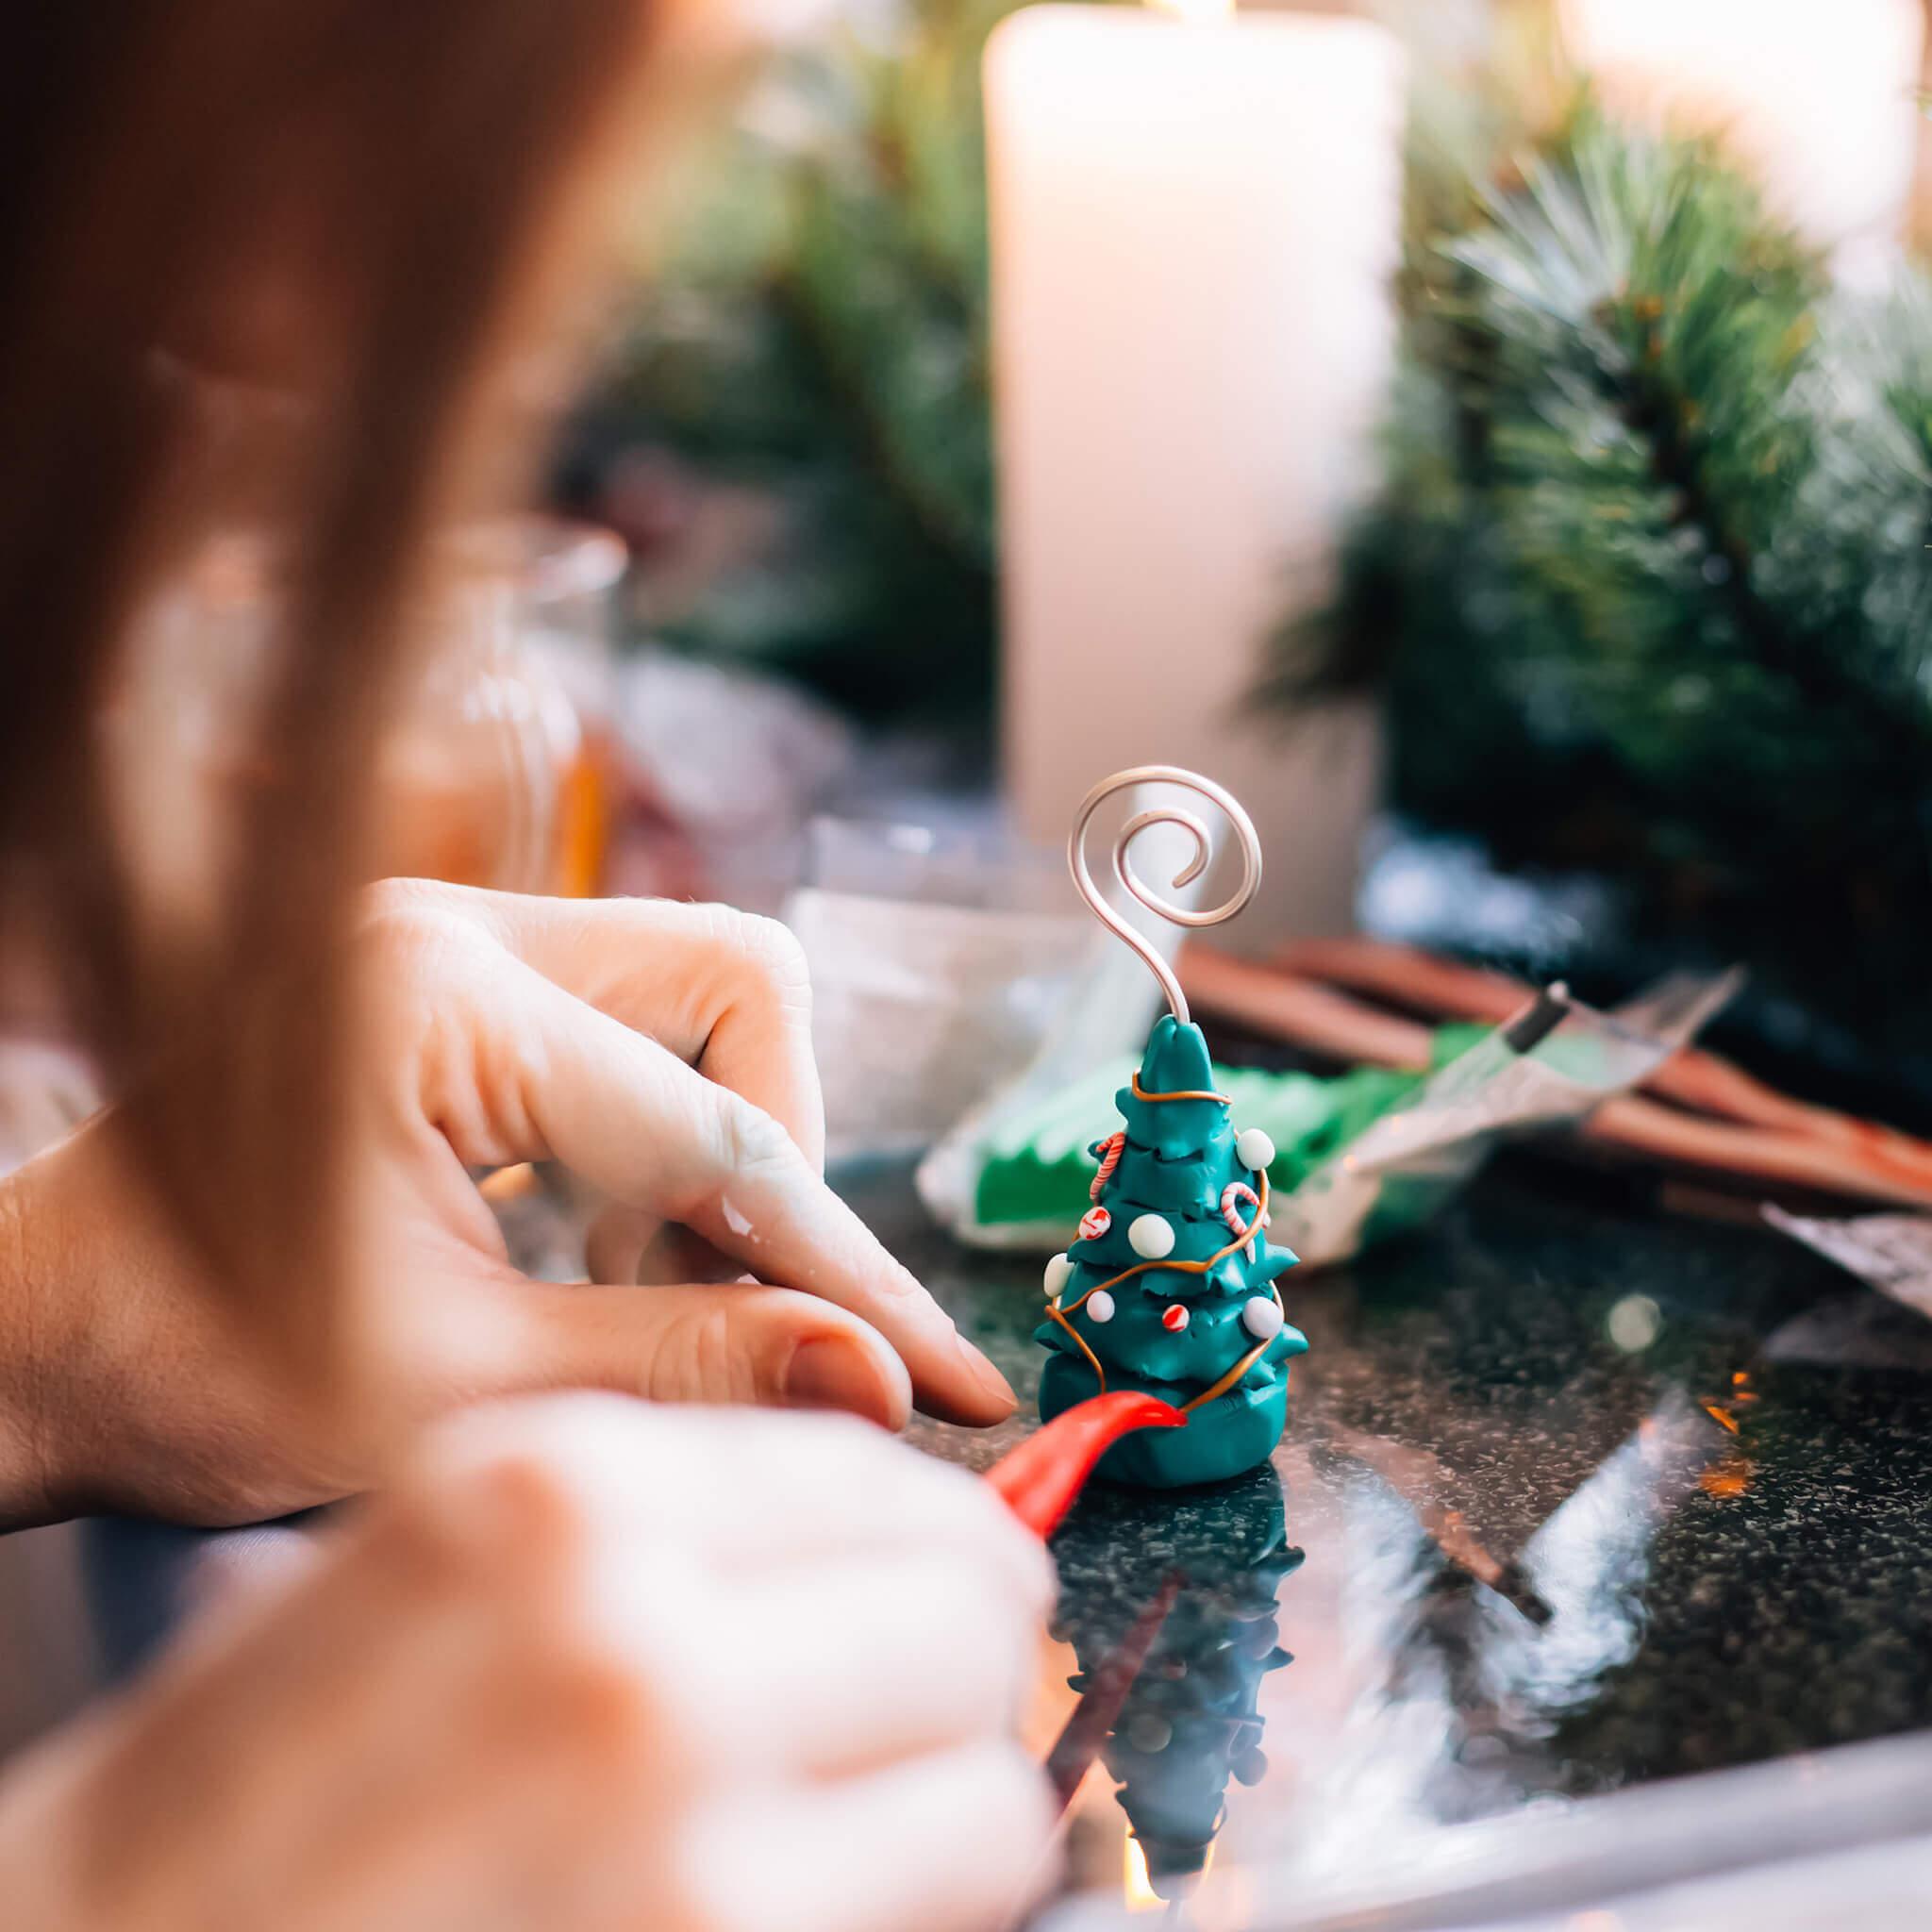 Kerstdecoratie maken met FIMO klei | Maak leuke kerstdecoratie met FIMO klei zoals dit leuke kerstboompje